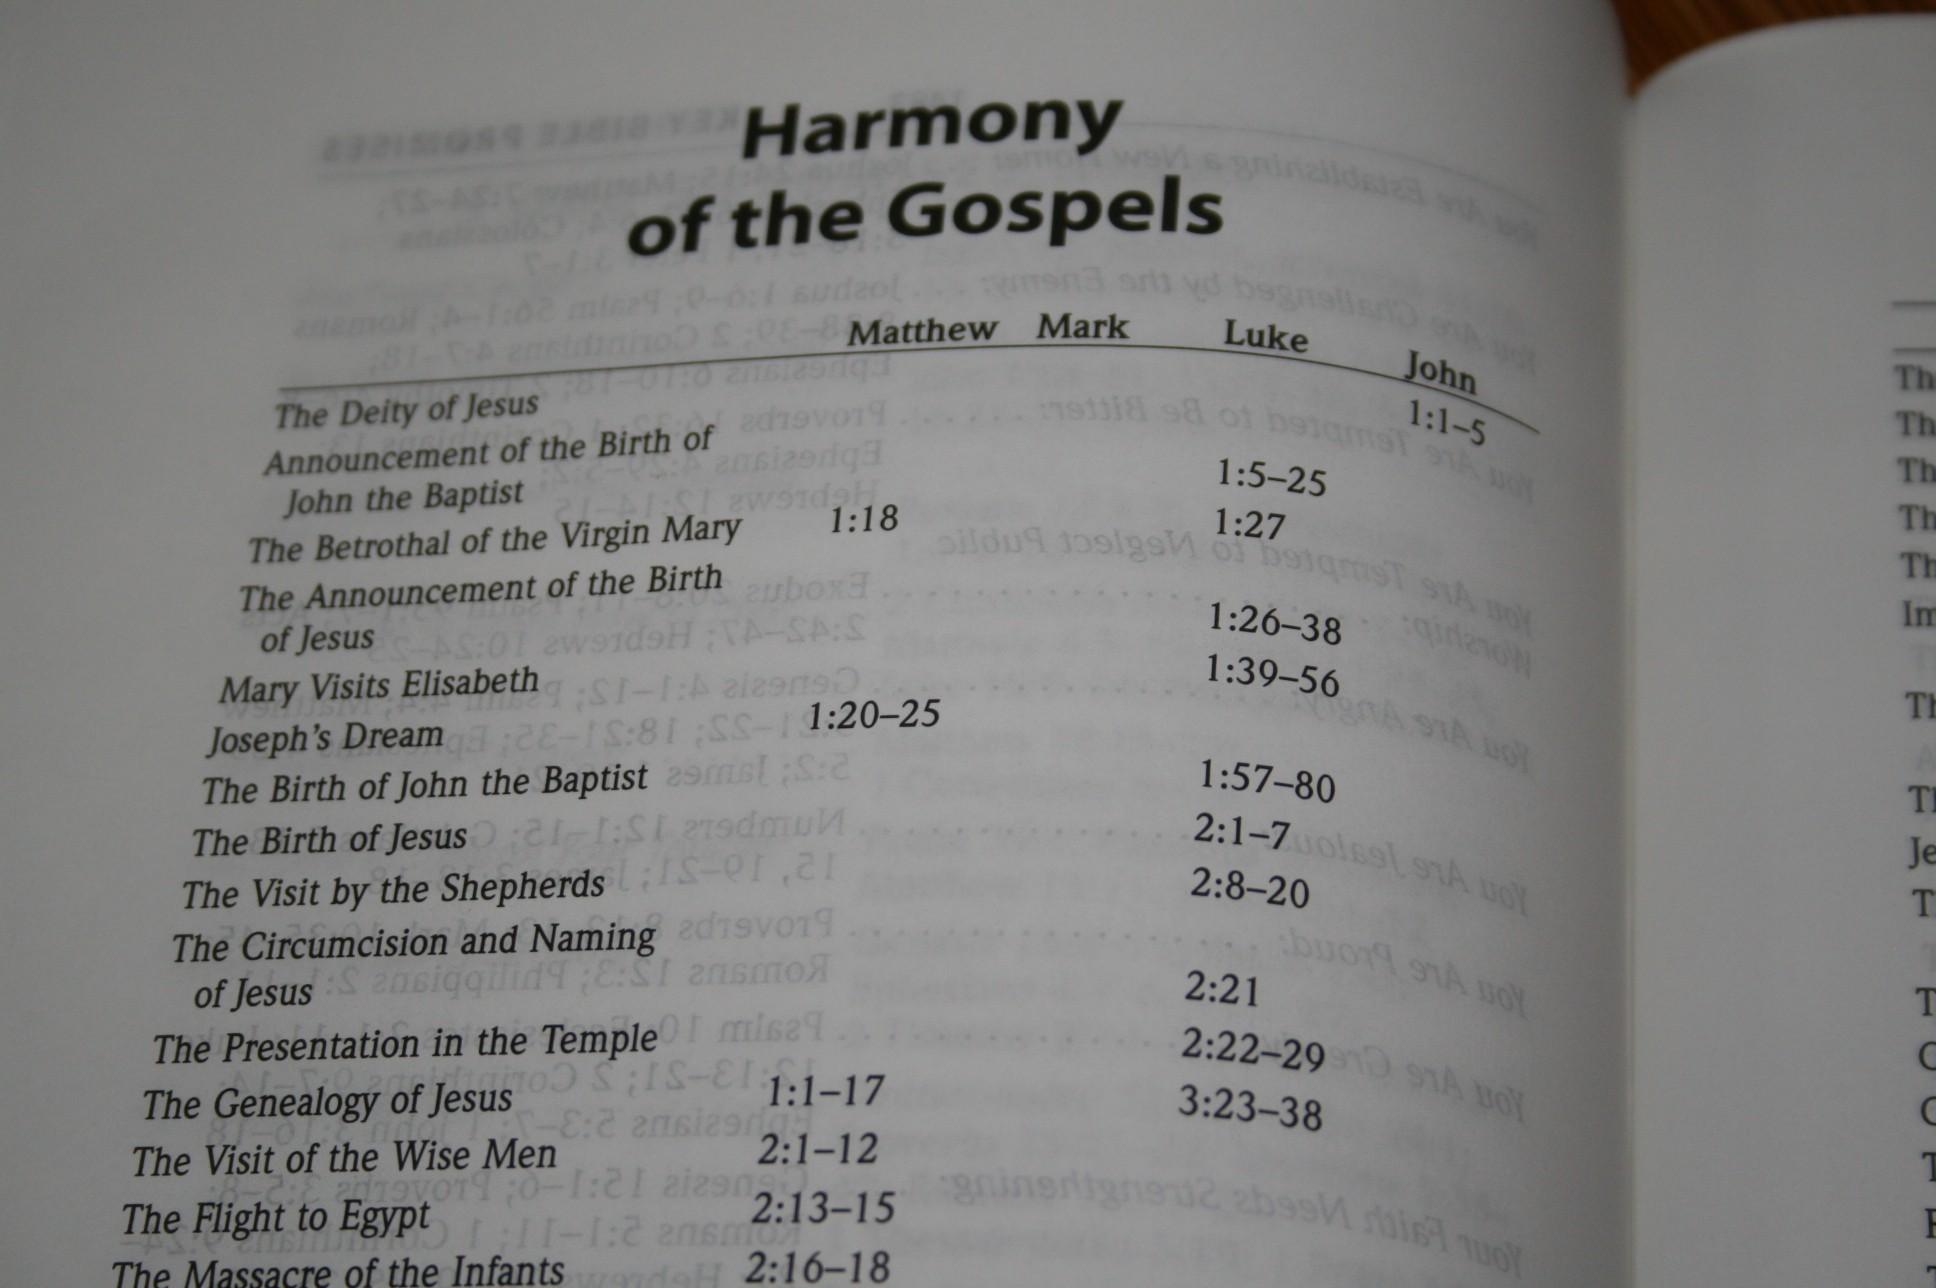 Hendrickson Large Print Wide Margin Bible KJV - Review